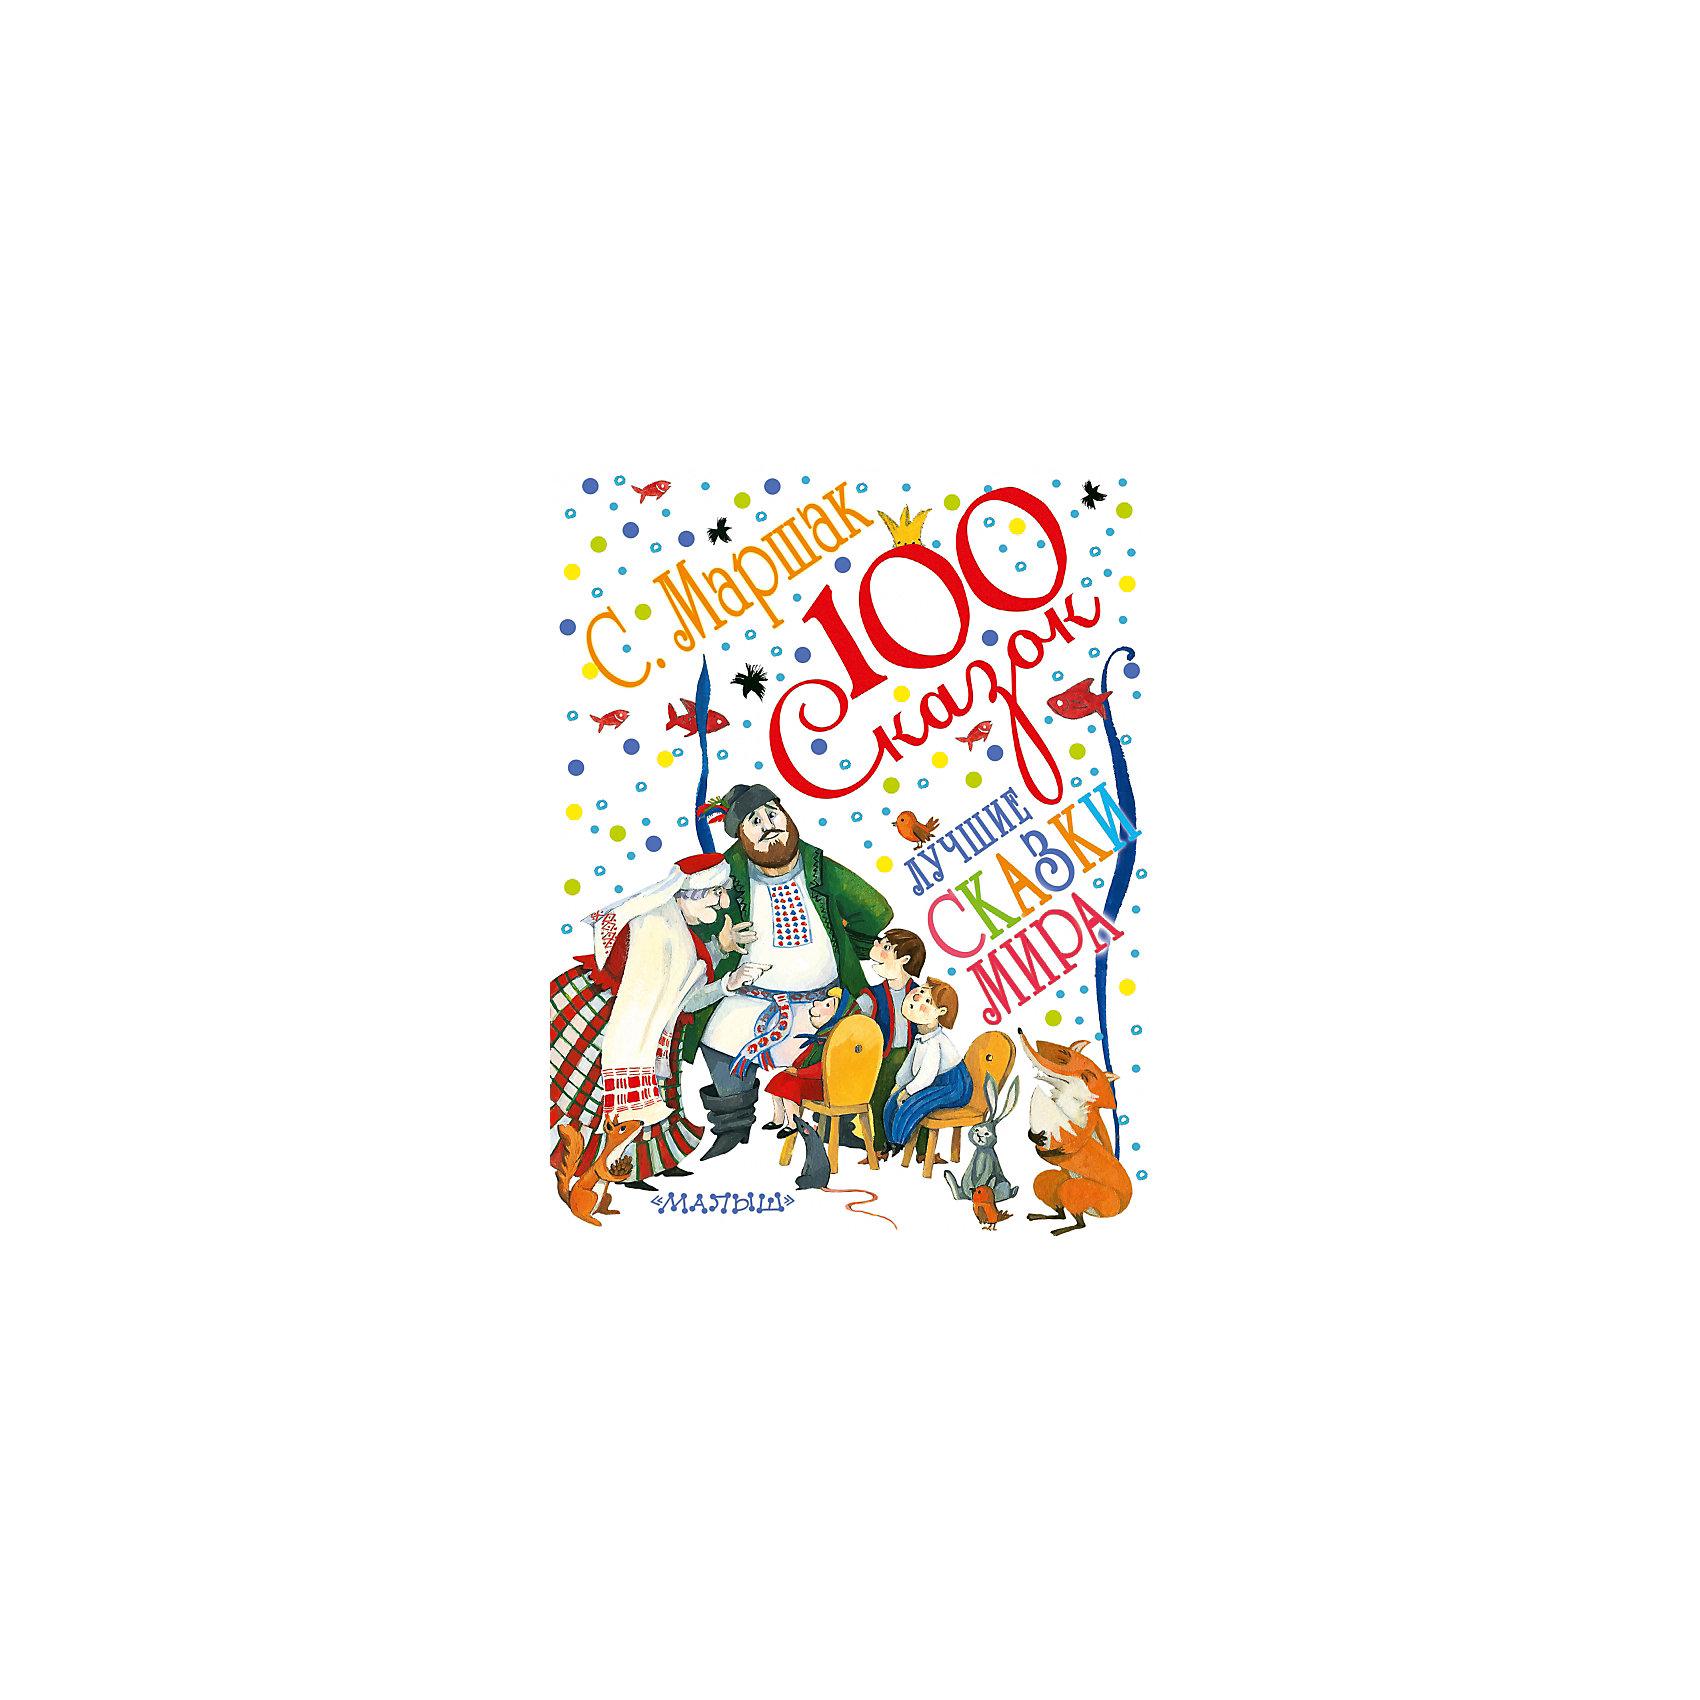 Лучшие сказки мира, С. МаршакЛучшие сказки мира, С. Маршак – это сказки, собранные со всего света в стихотворном пересказе Маршака.<br>Сказка - ложь, да в ней намёк... Много лет классик детской литературы С.Маршак собирал сказки разных народов: русские и украинские, норвежские и индийские, сербские и литовские и многие другие. Они легли в основу книги сказок в стихах «Лучшие сказки мира». В книге объедены разные герои с их необыкновенными и поучительными историями, в которых, правда всегда на стороне добра и справедливости, дружбы и преданности! Ребятам будет интересно узнать - почему у месяца нет платья, отчего кошку назвали кошкой и как заяц к лисе сватался... Для среднего школьного возраста.<br><br>Дополнительная информация:<br><br>- Автор: Маршак Самуил Яковлевич<br>- Художники: Диманд Софья, Марова Вера, Корицына Любовь и другие<br>- Издательство: АСТ, 2016 г.<br>- Серия: 100 сказок<br>- Тип обложки: 7Б - твердая (плотная бумага или картон)<br>- Оформление: тиснение цветное, частичная лакировка<br>- Иллюстрации: цветные<br>- Количество страниц: 224 (офсет)<br>- Размер: 263x205x12 мм.<br>- Вес: 980 гр.<br><br>Книгу «Лучшие сказки мира», С. Маршак можно купить в нашем интернет-магазине.<br><br>Ширина мм: 197<br>Глубина мм: 255<br>Высота мм: 20<br>Вес г: 1005<br>Возраст от месяцев: 0<br>Возраст до месяцев: 36<br>Пол: Унисекс<br>Возраст: Детский<br>SKU: 4443476